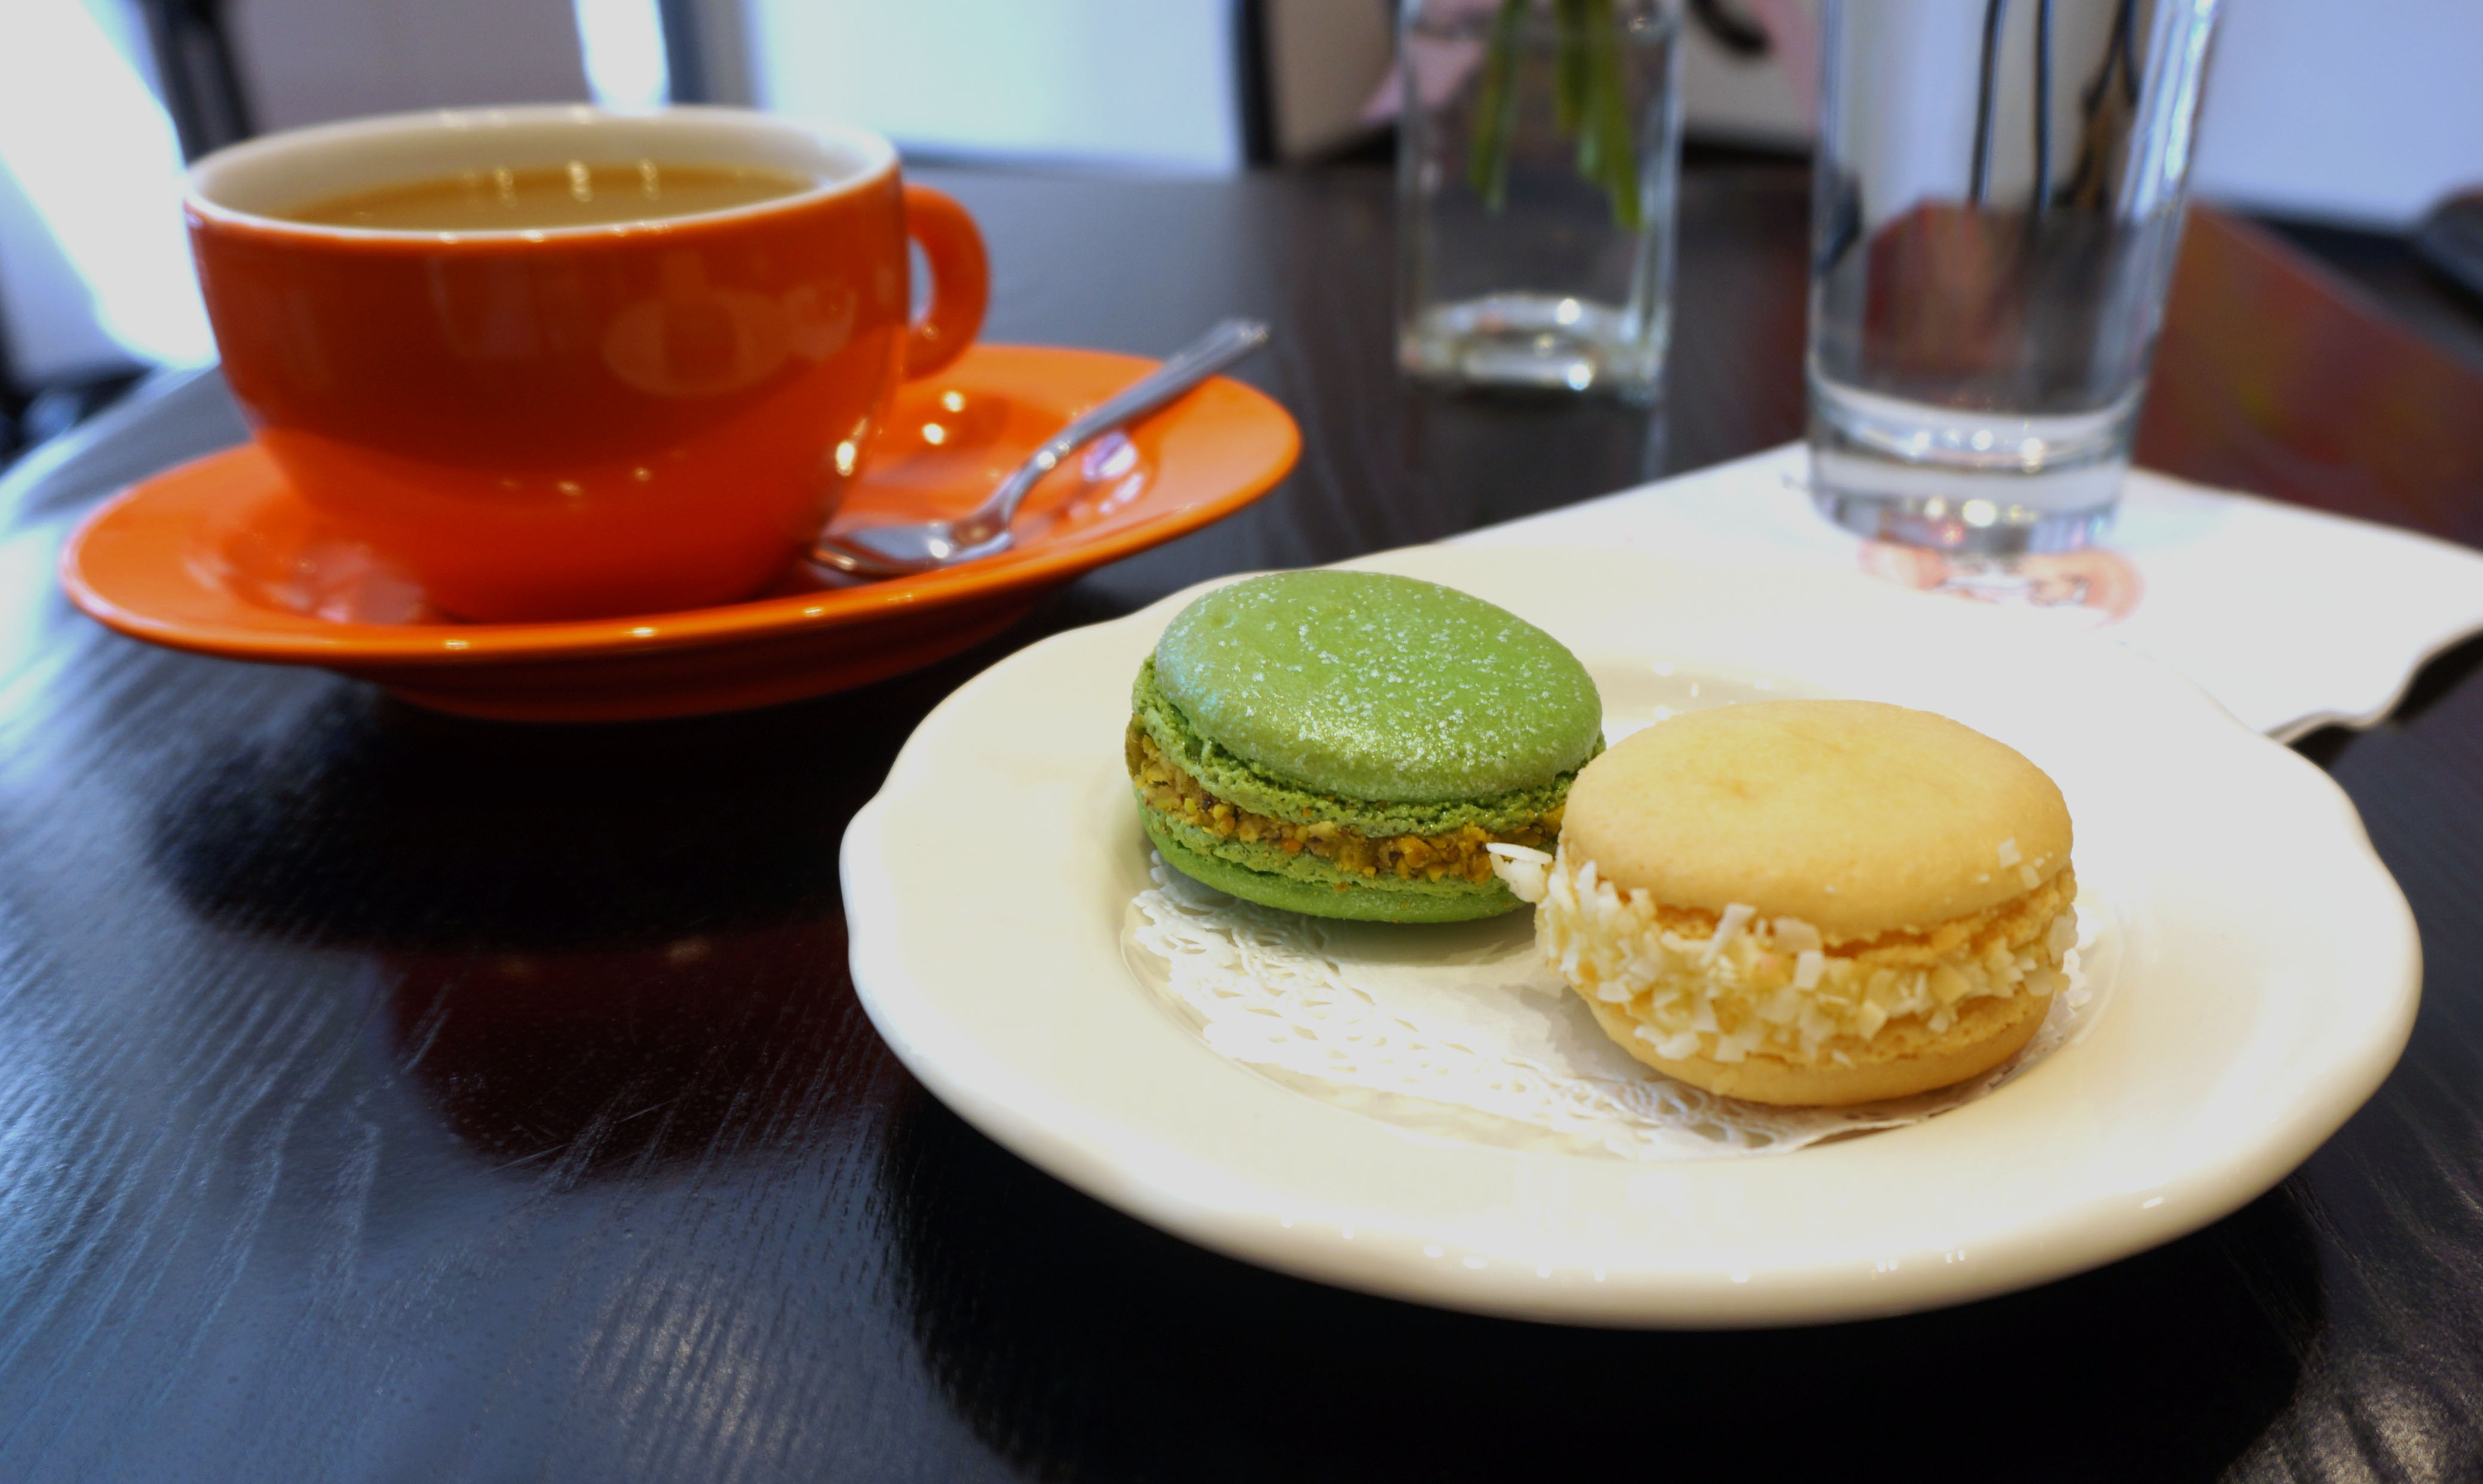 Macaron Cafe Book And Macaron Cafe Macarons